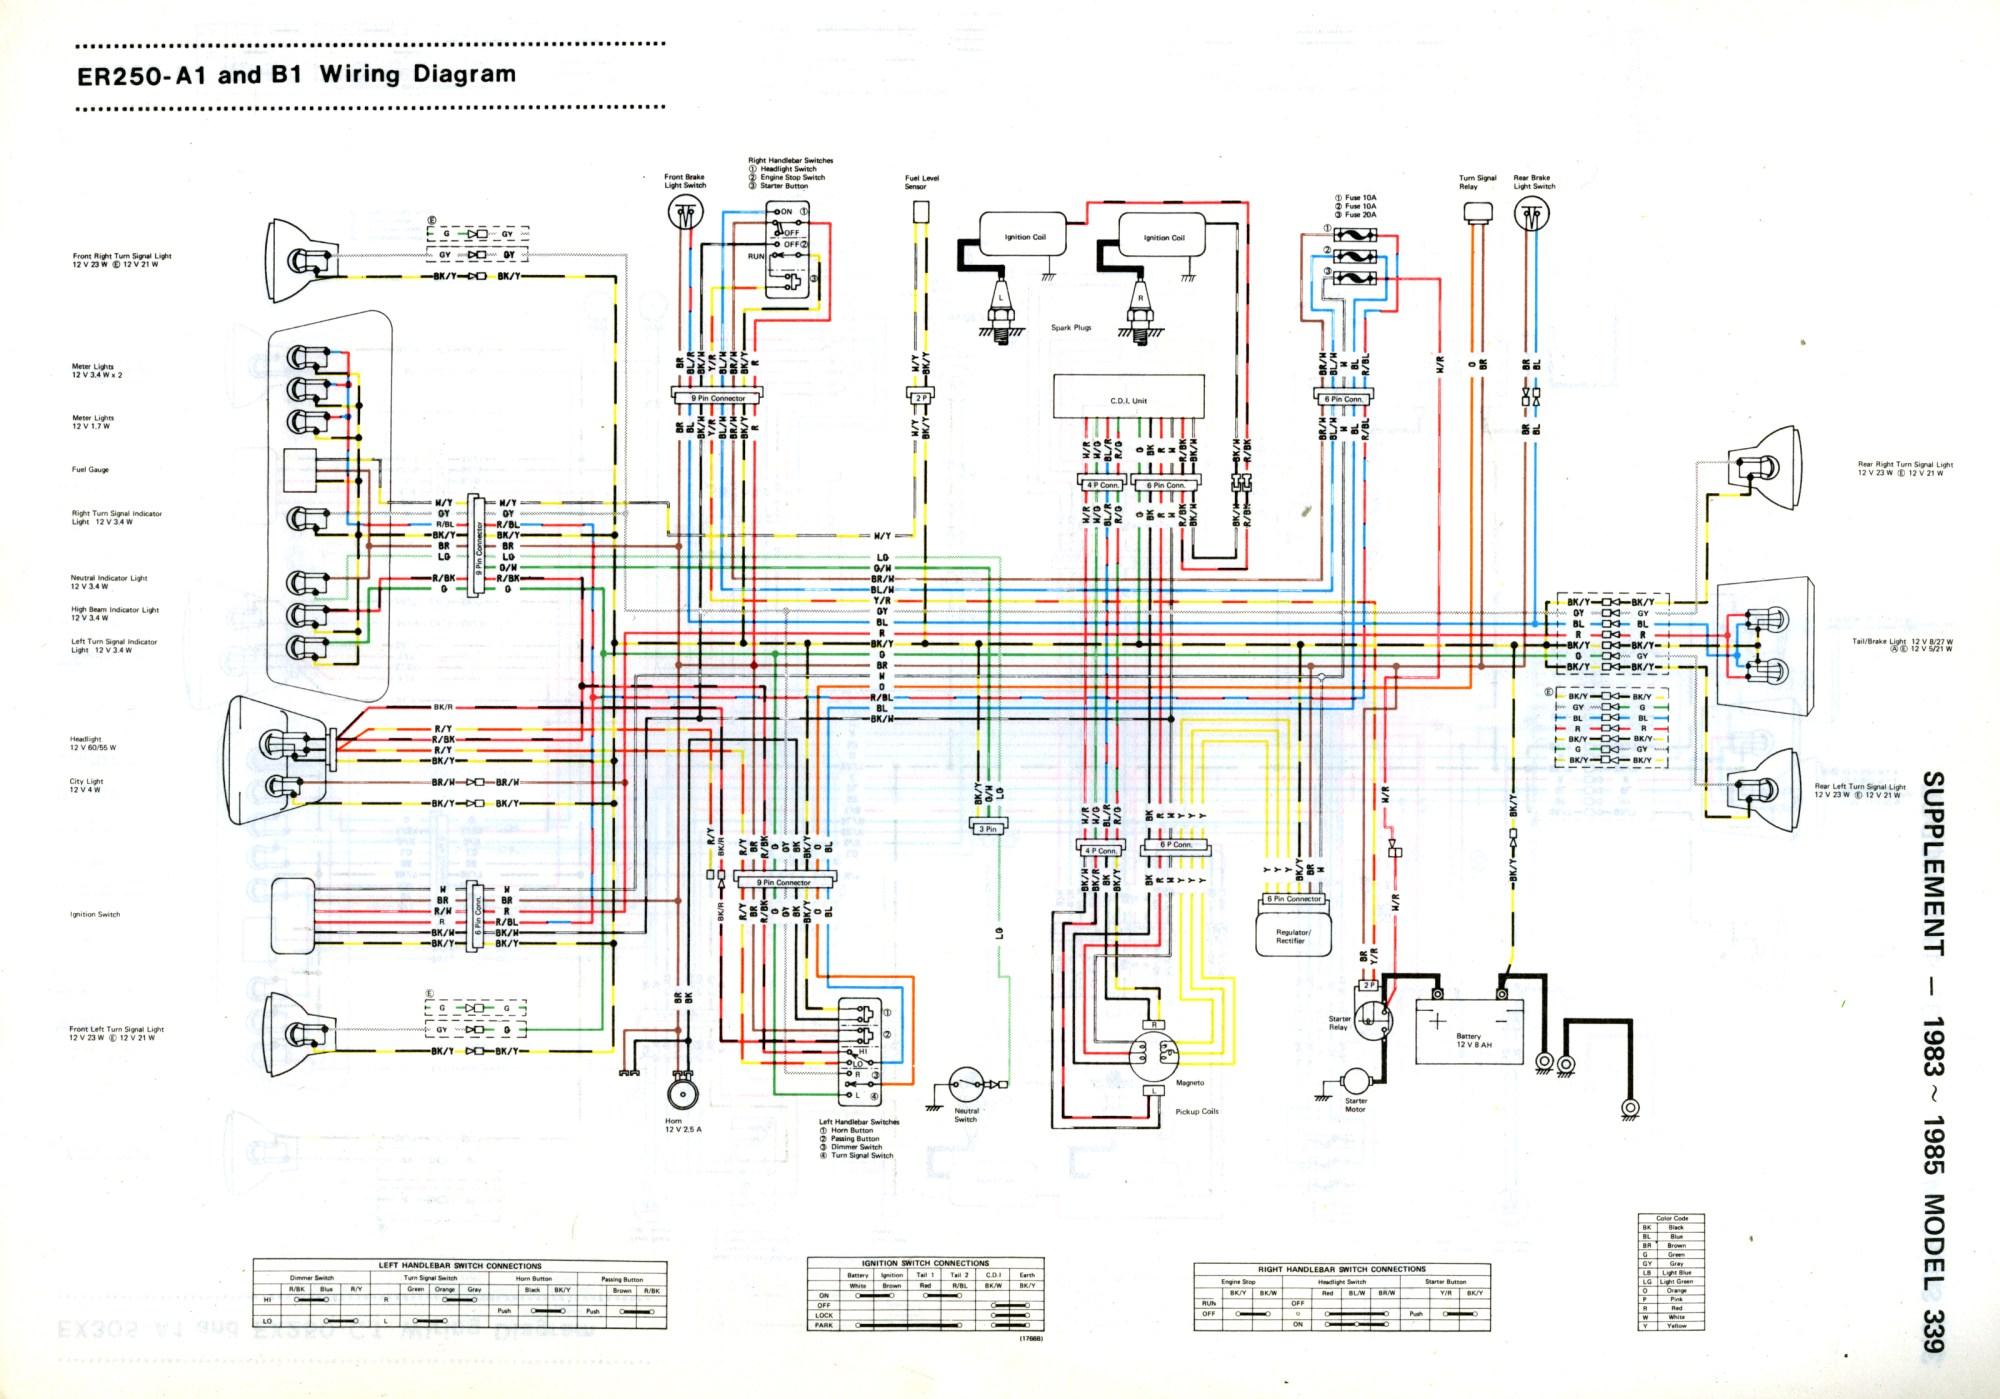 hight resolution of z250service rh z250 co uk kawasaki klf 300 wiring diagram kawasaki klf 300 wiring diagram